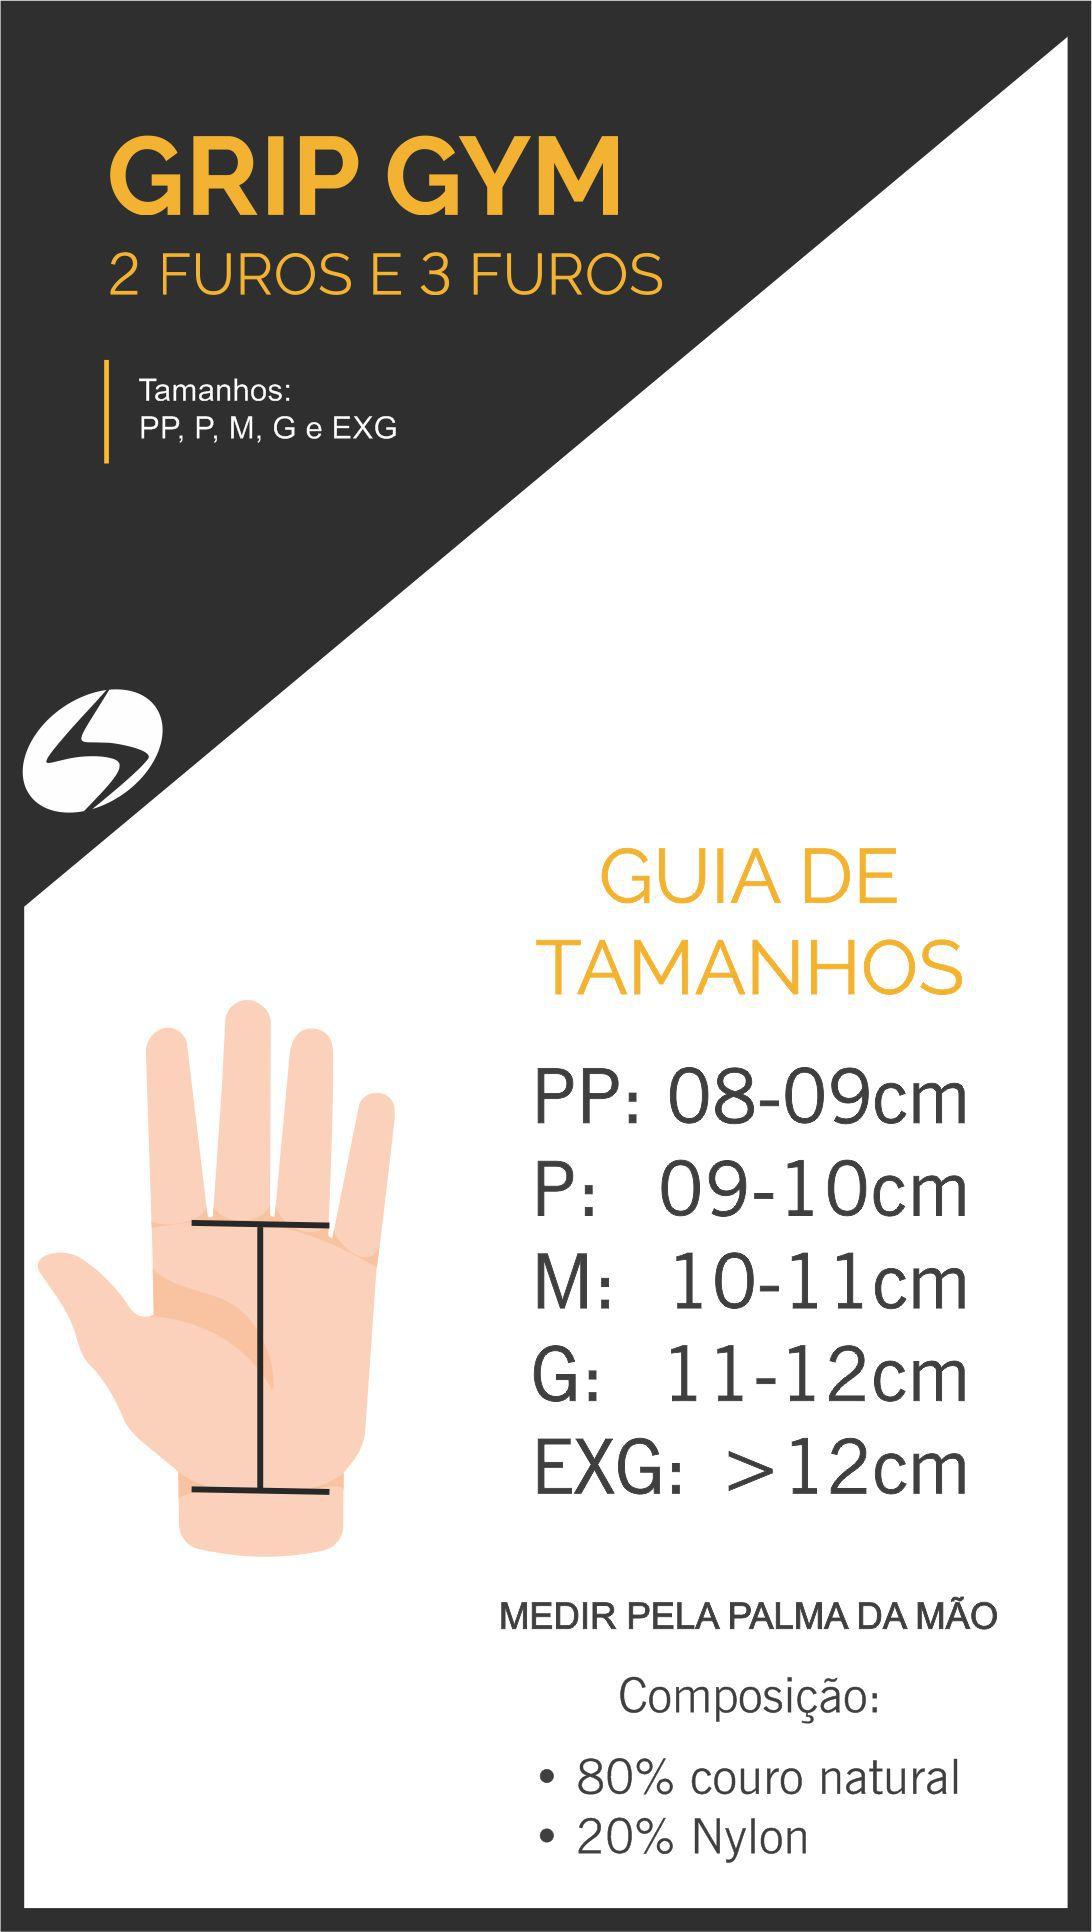 Grip Gym Export 3.0 - Hand Grip - Crossfit - Vermelho